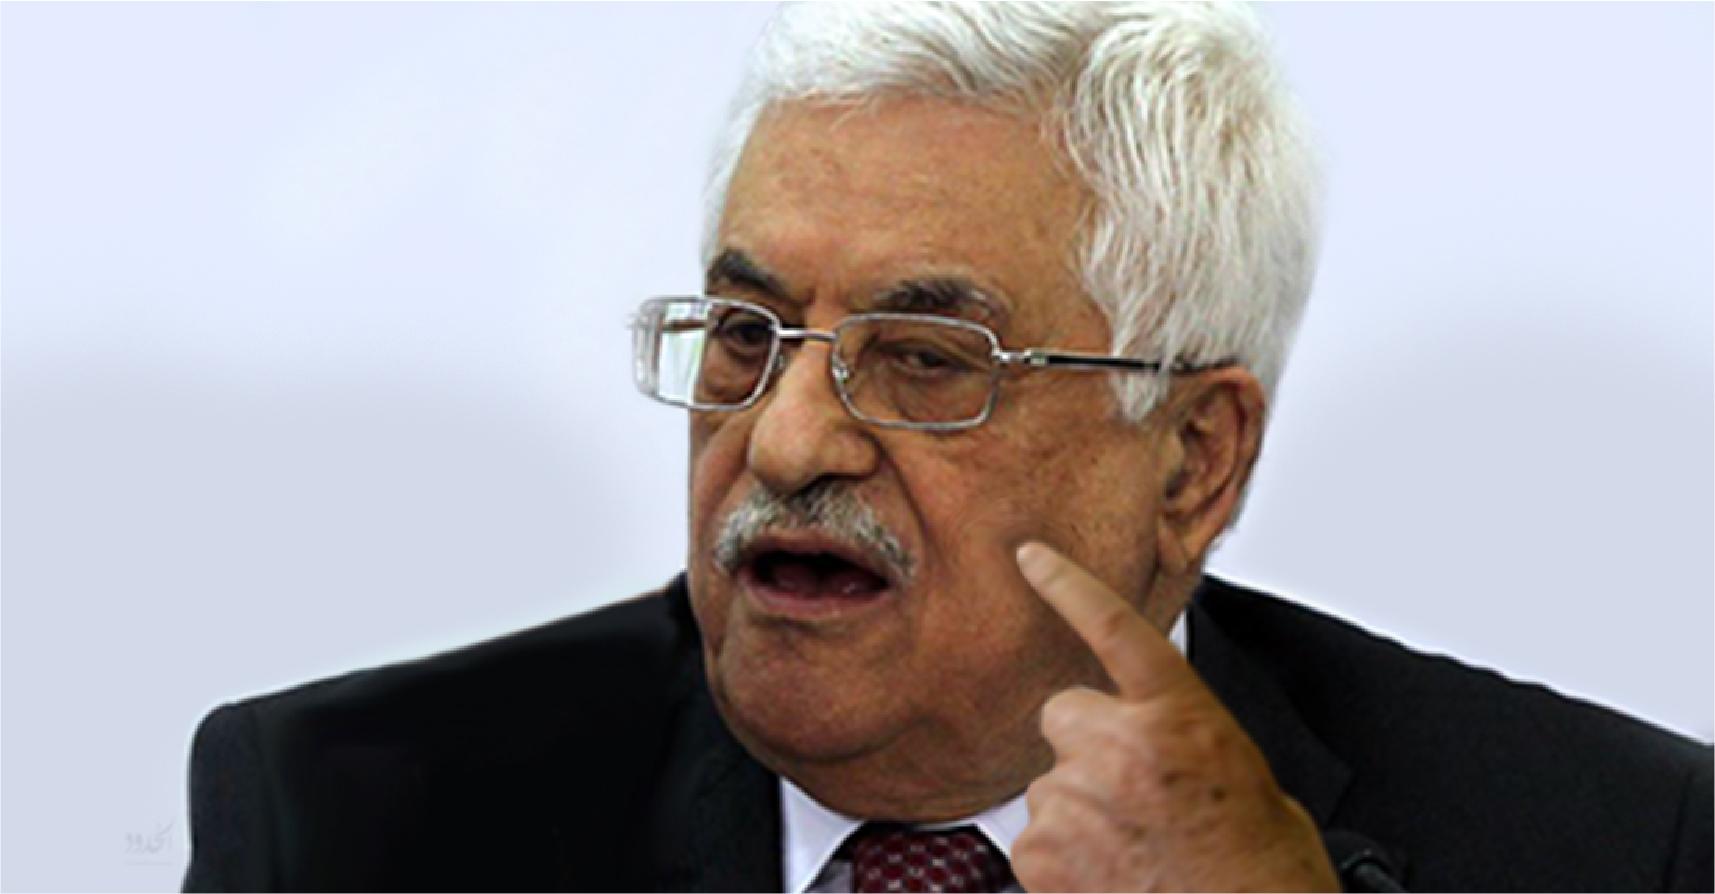 صورة عباس يهدد بإدارة خده الأيسر رداً على صفعة القرن